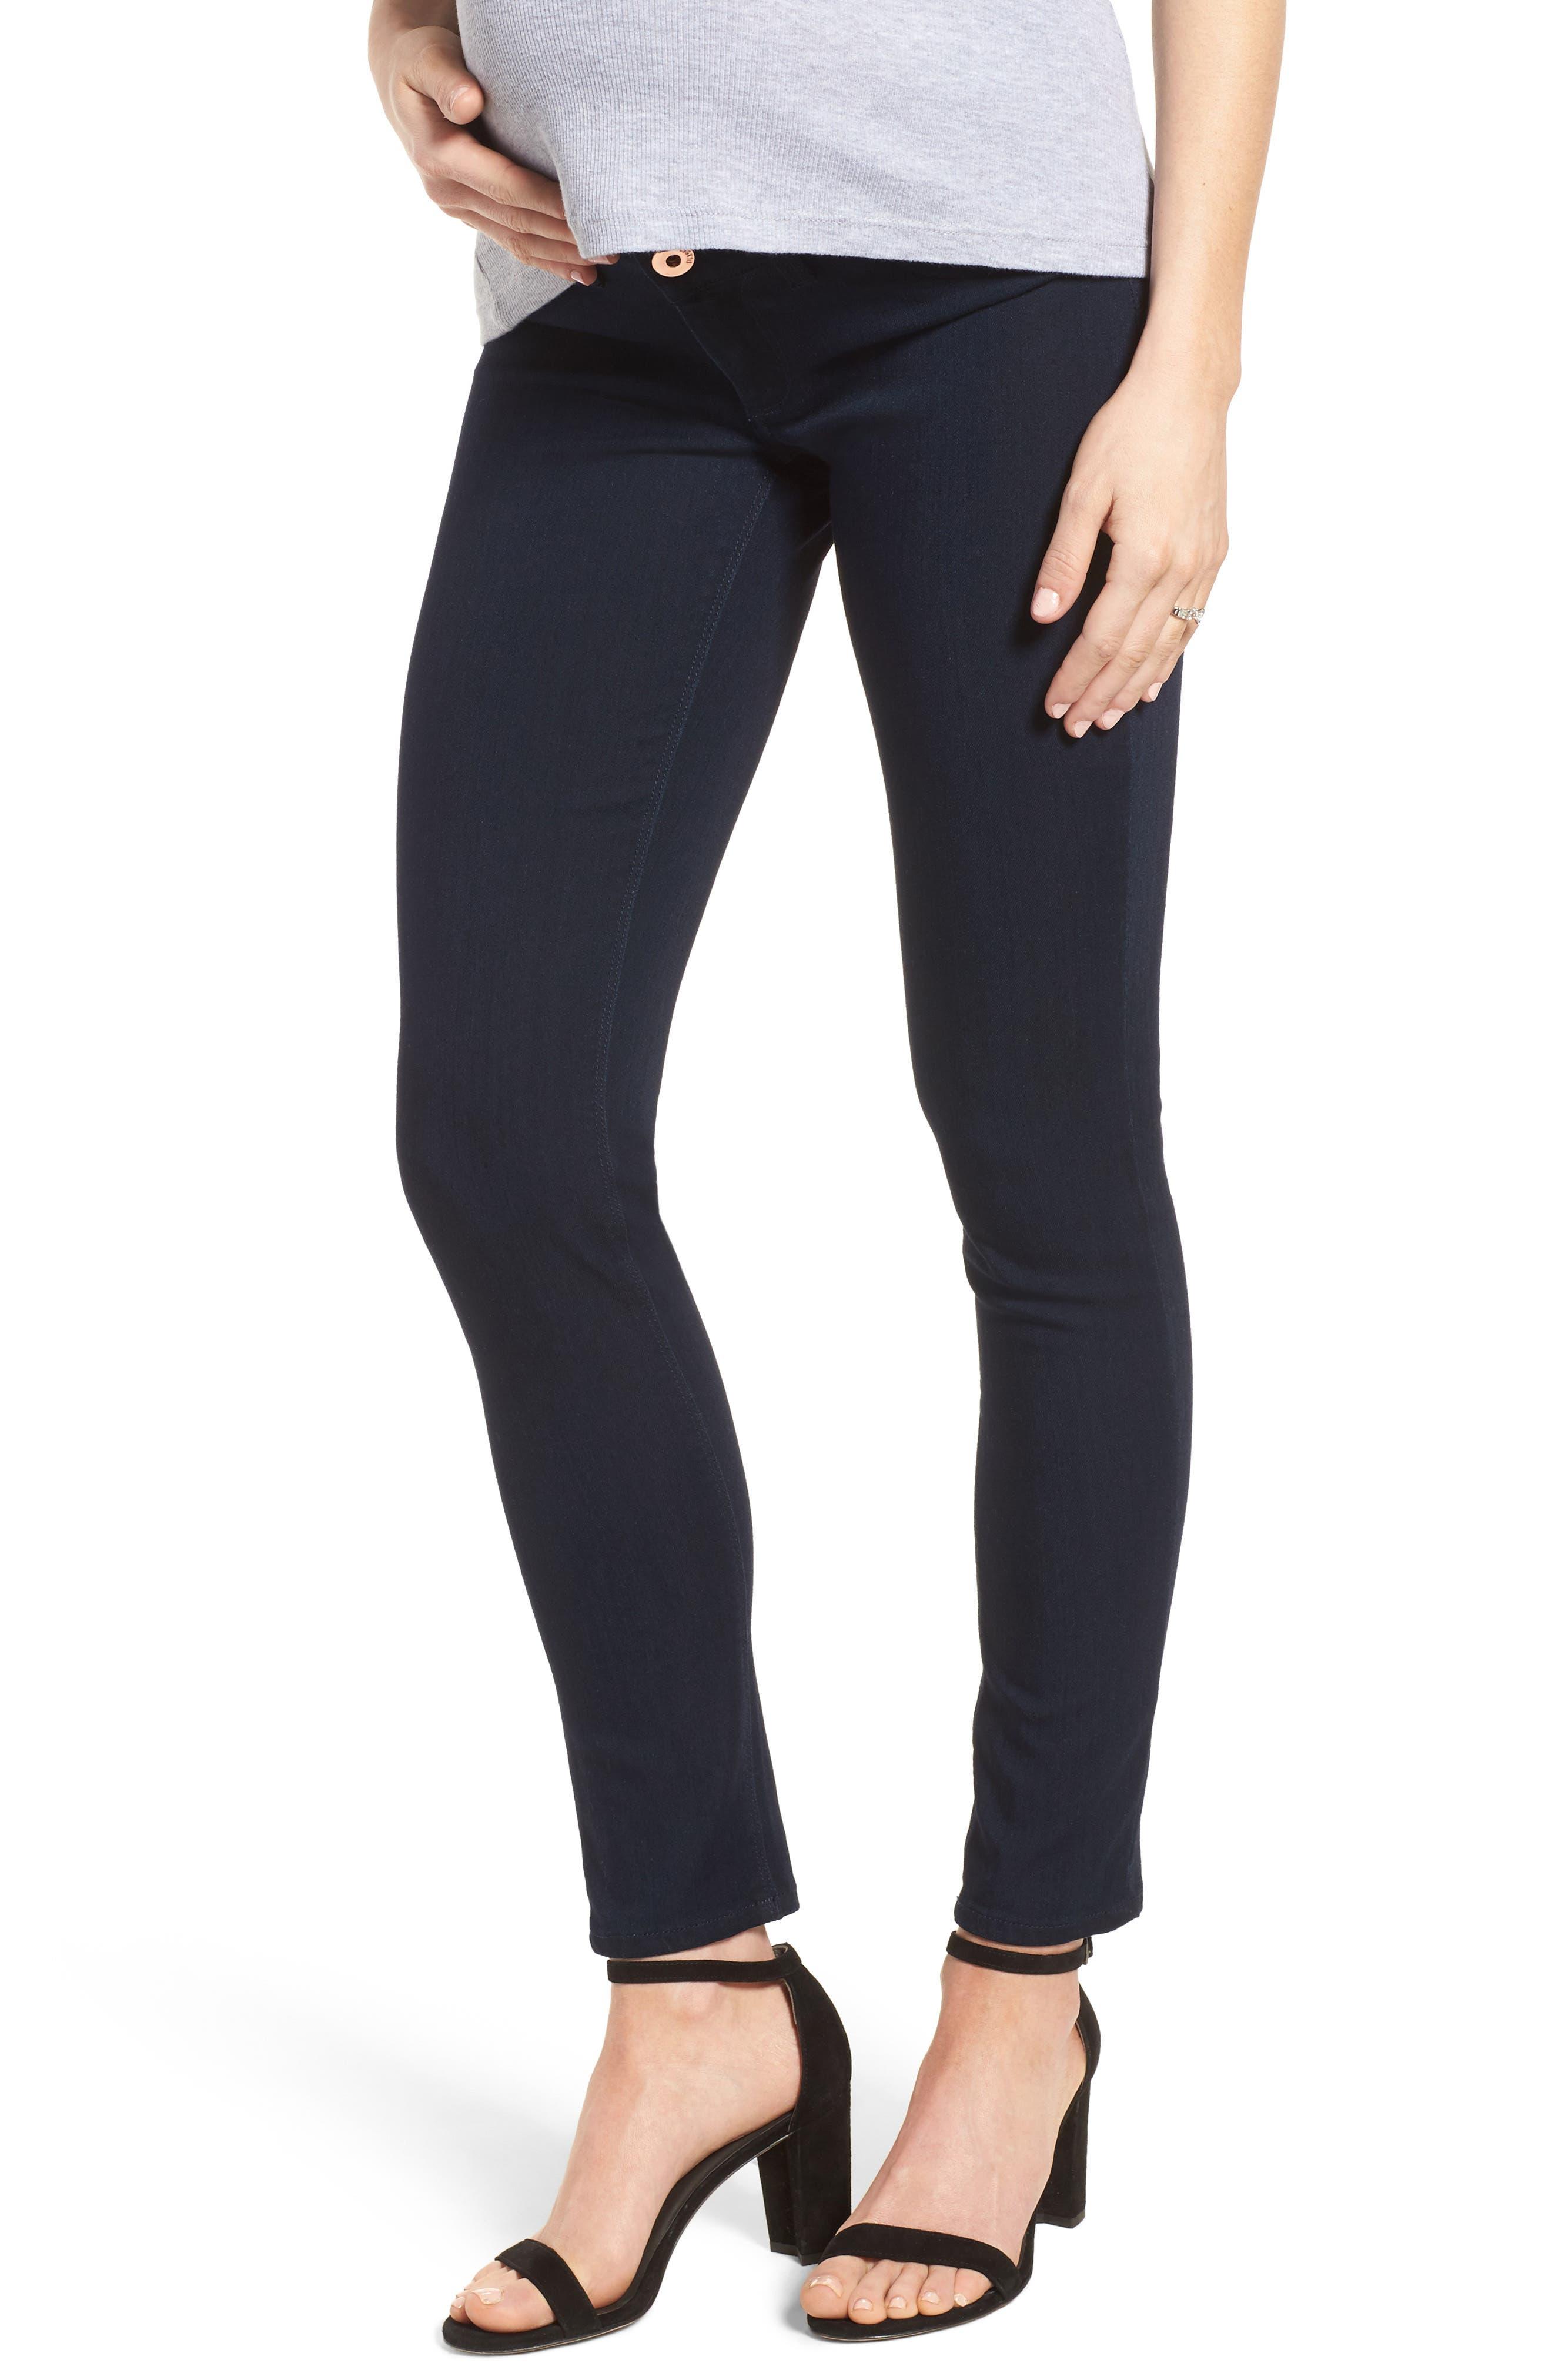 Women's Dl1961 Emma Power Legging Maternity Jeans